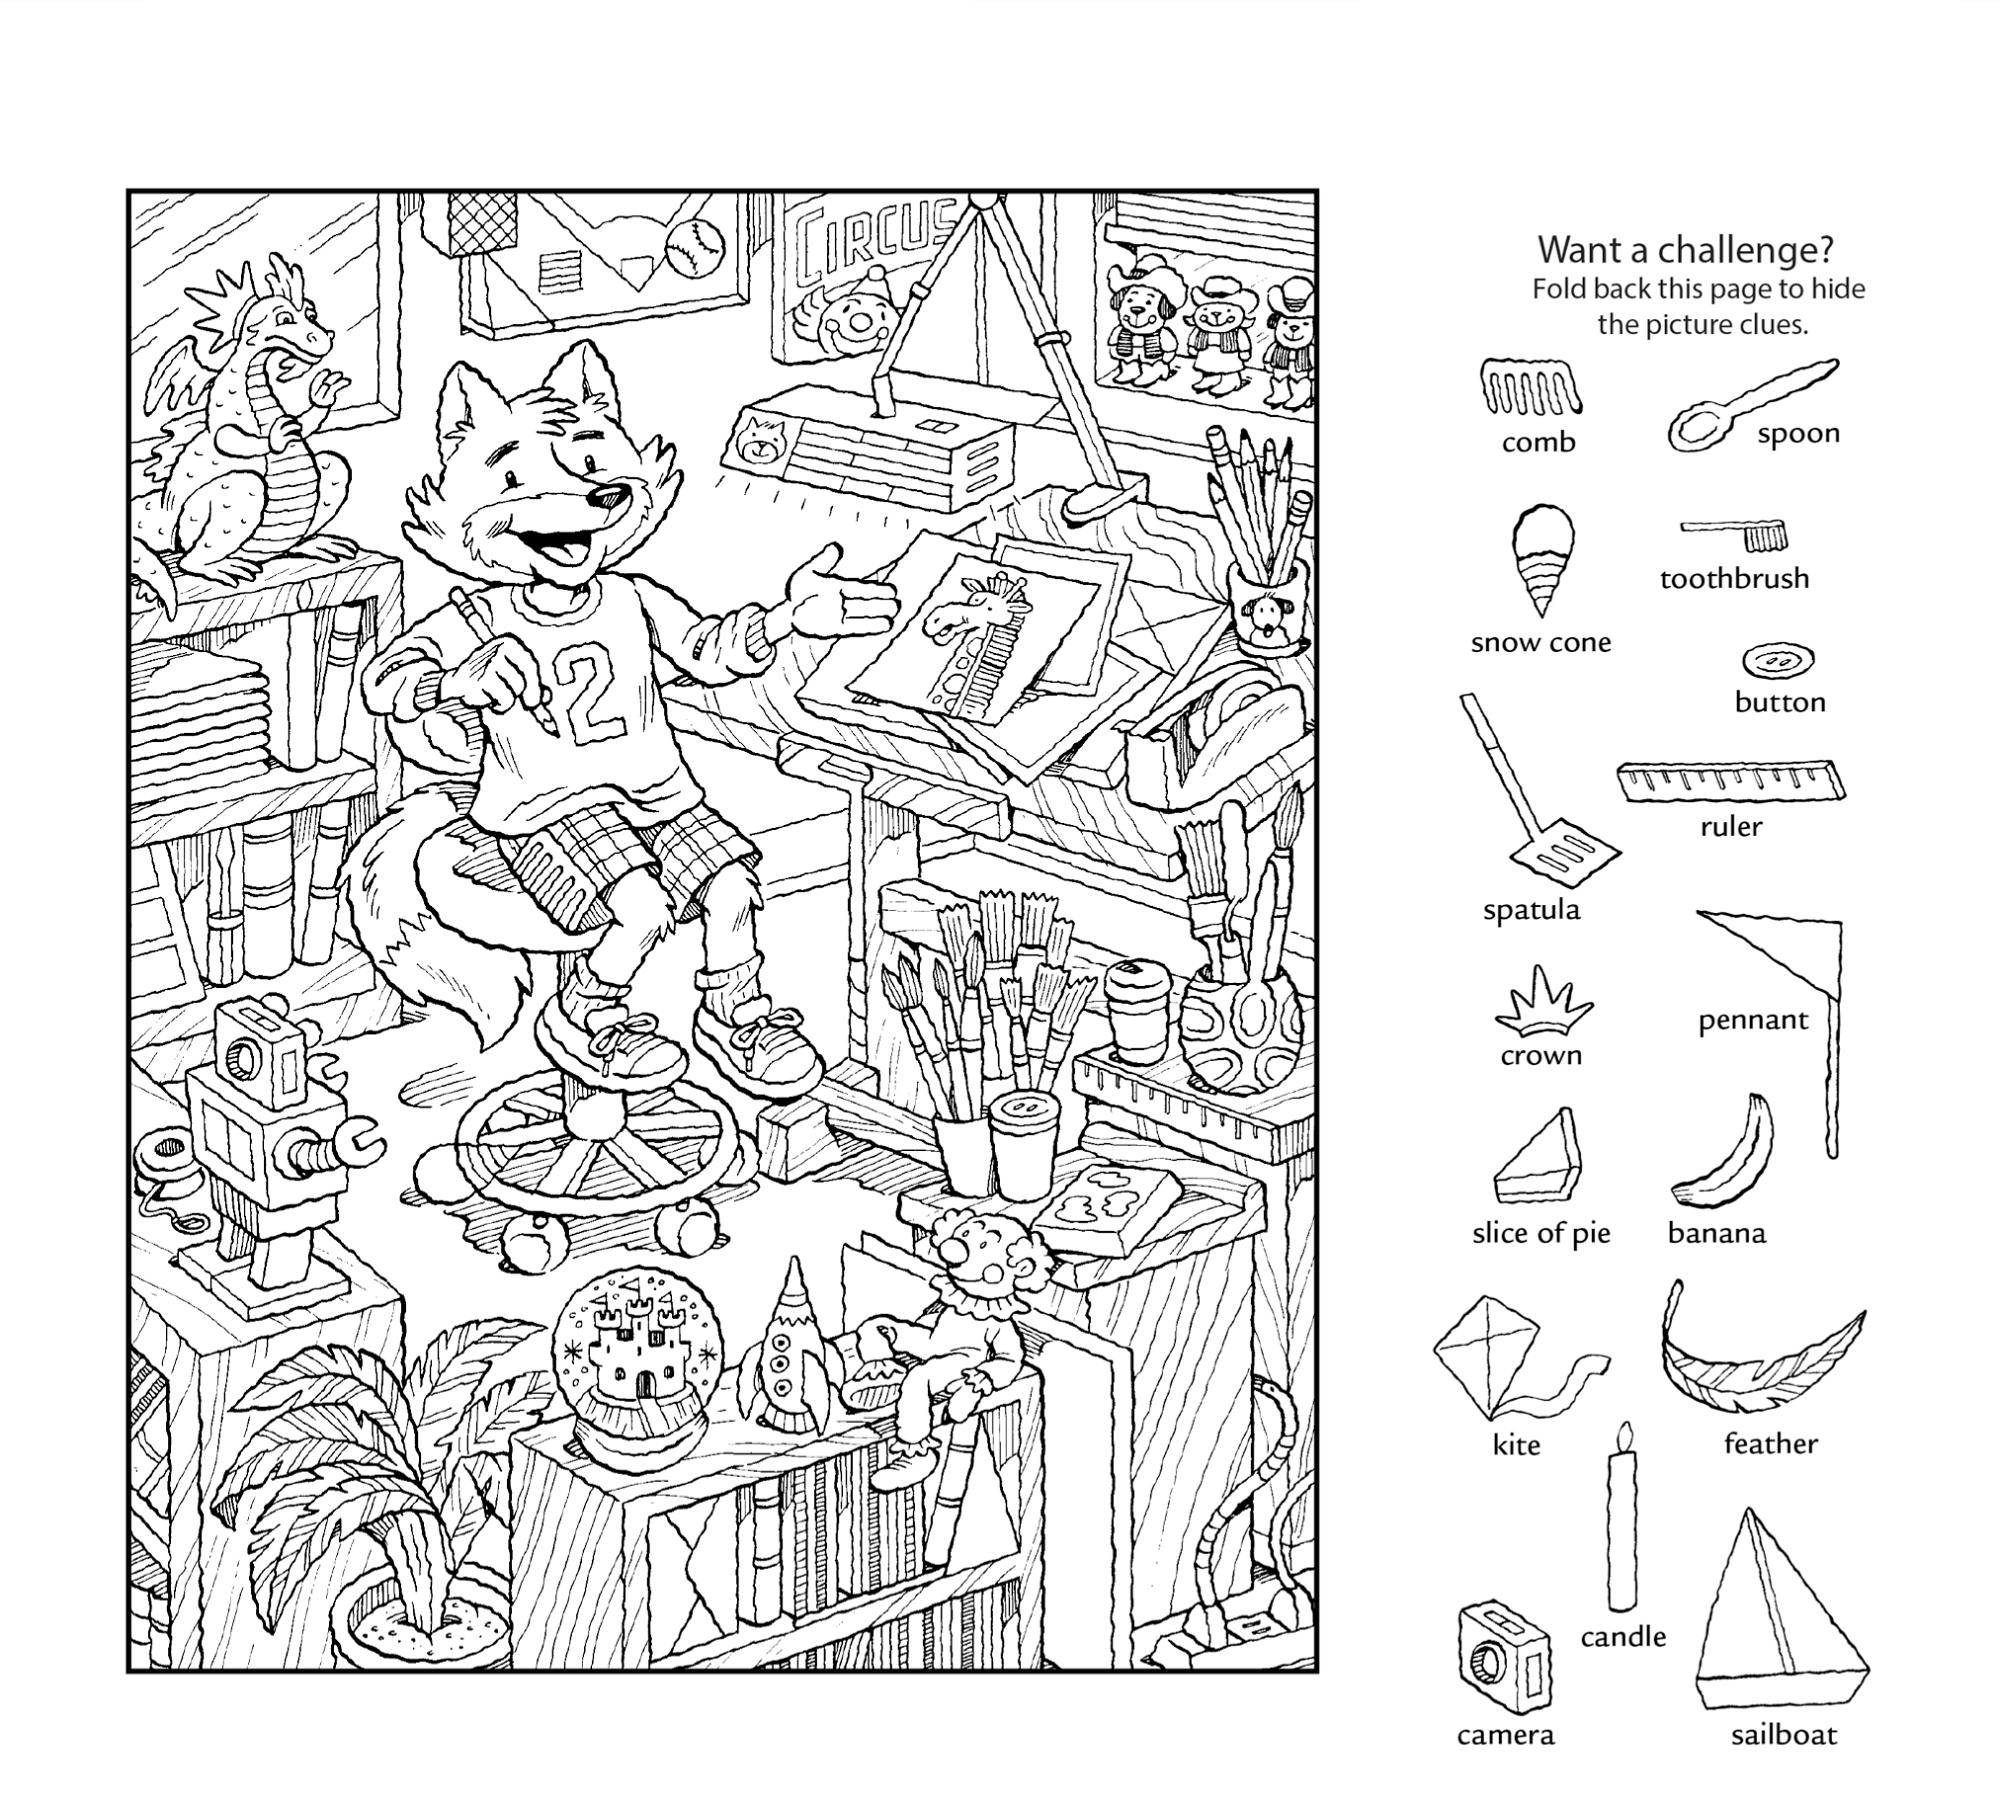 hidden pictures worksheet for fun